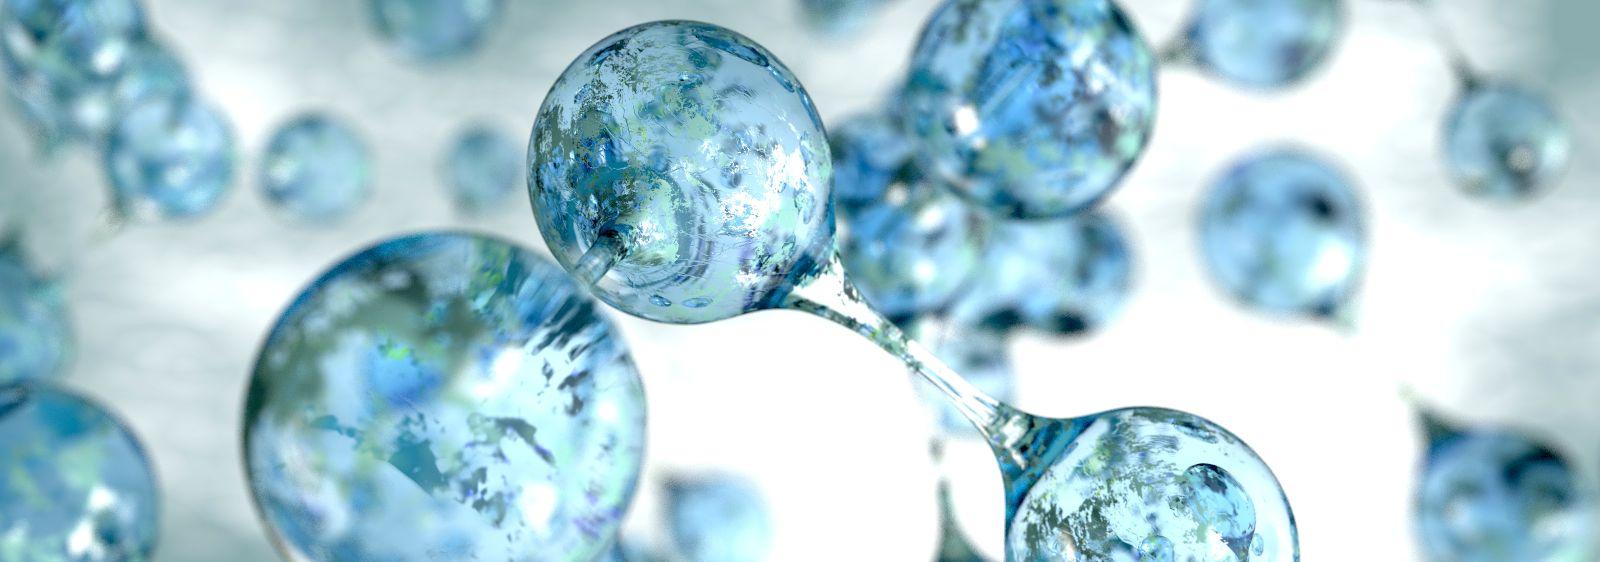 Wasserstoffmoleküle